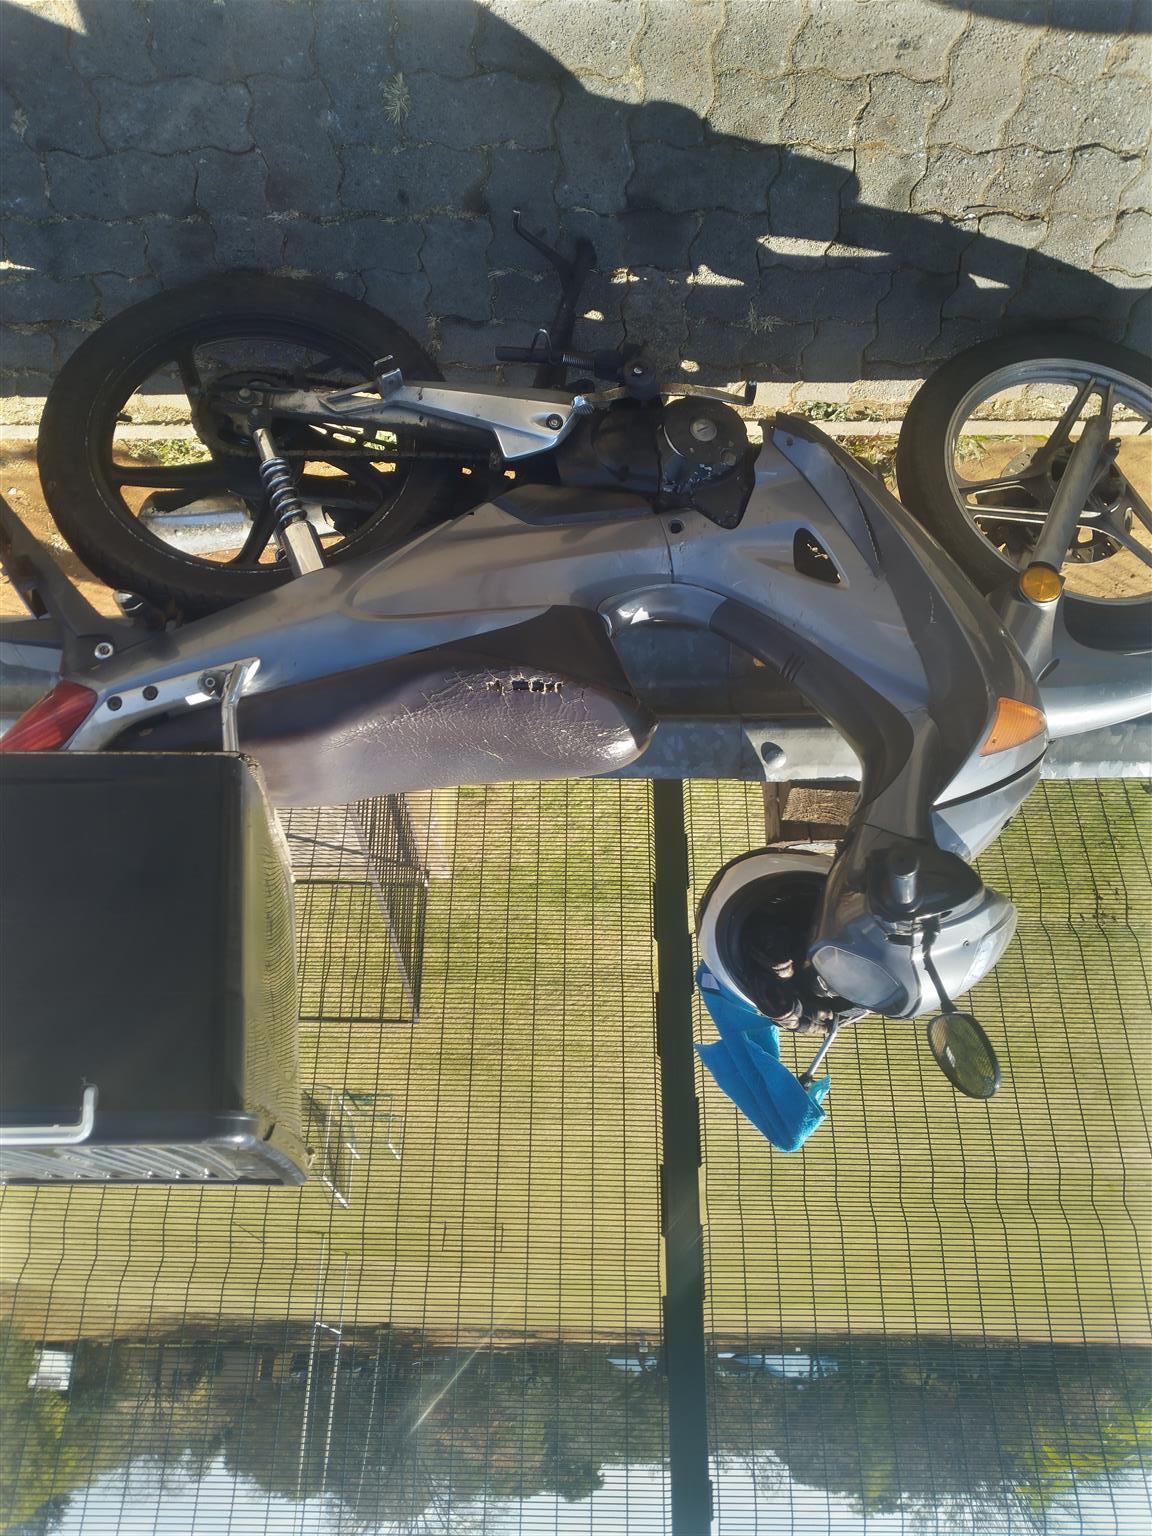 Selling a Bike